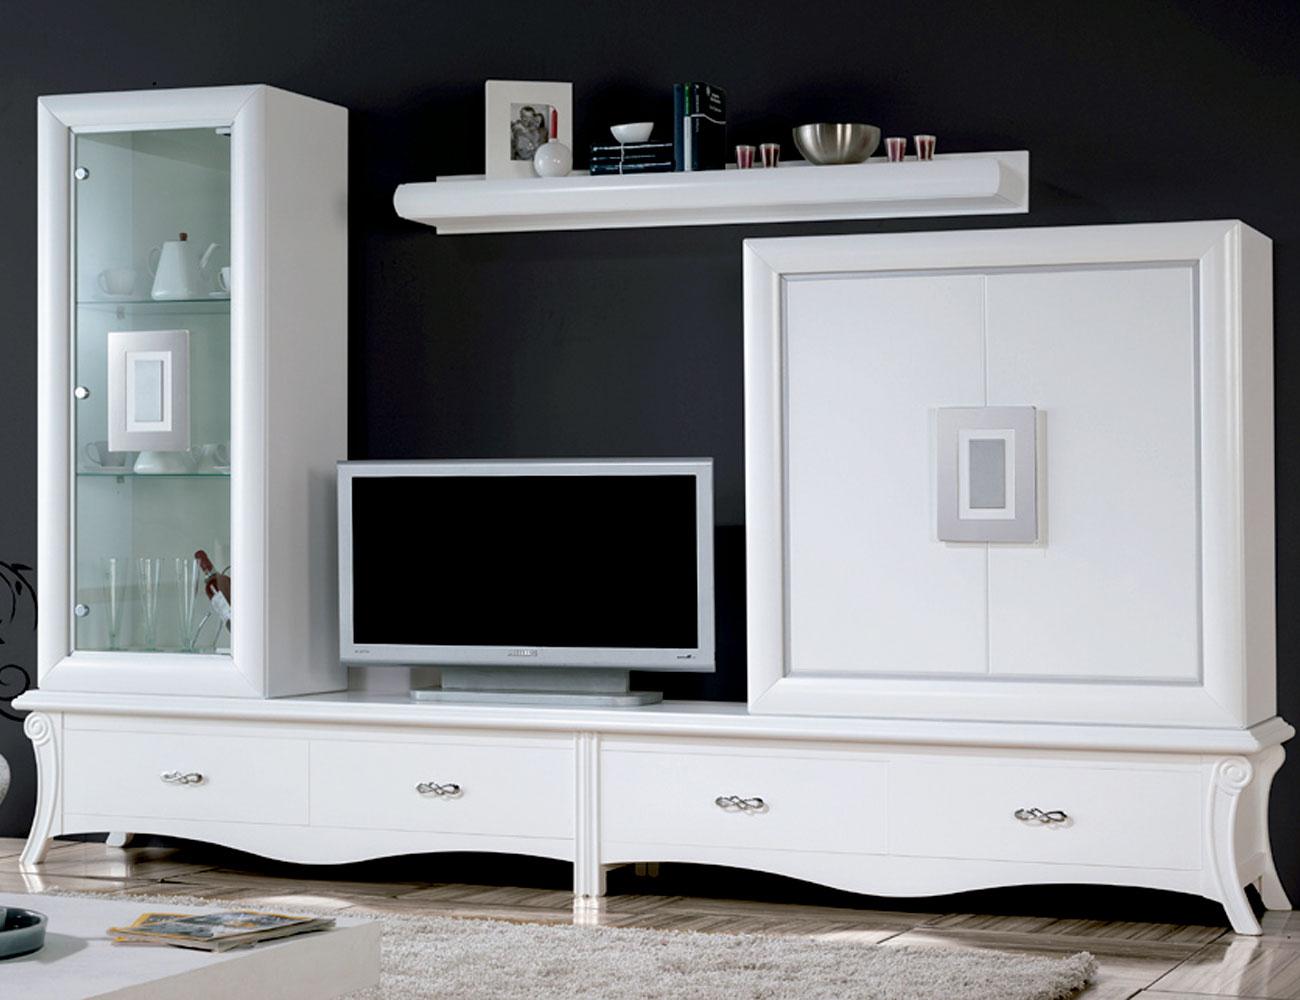 Mueble salon neoclasico color 504